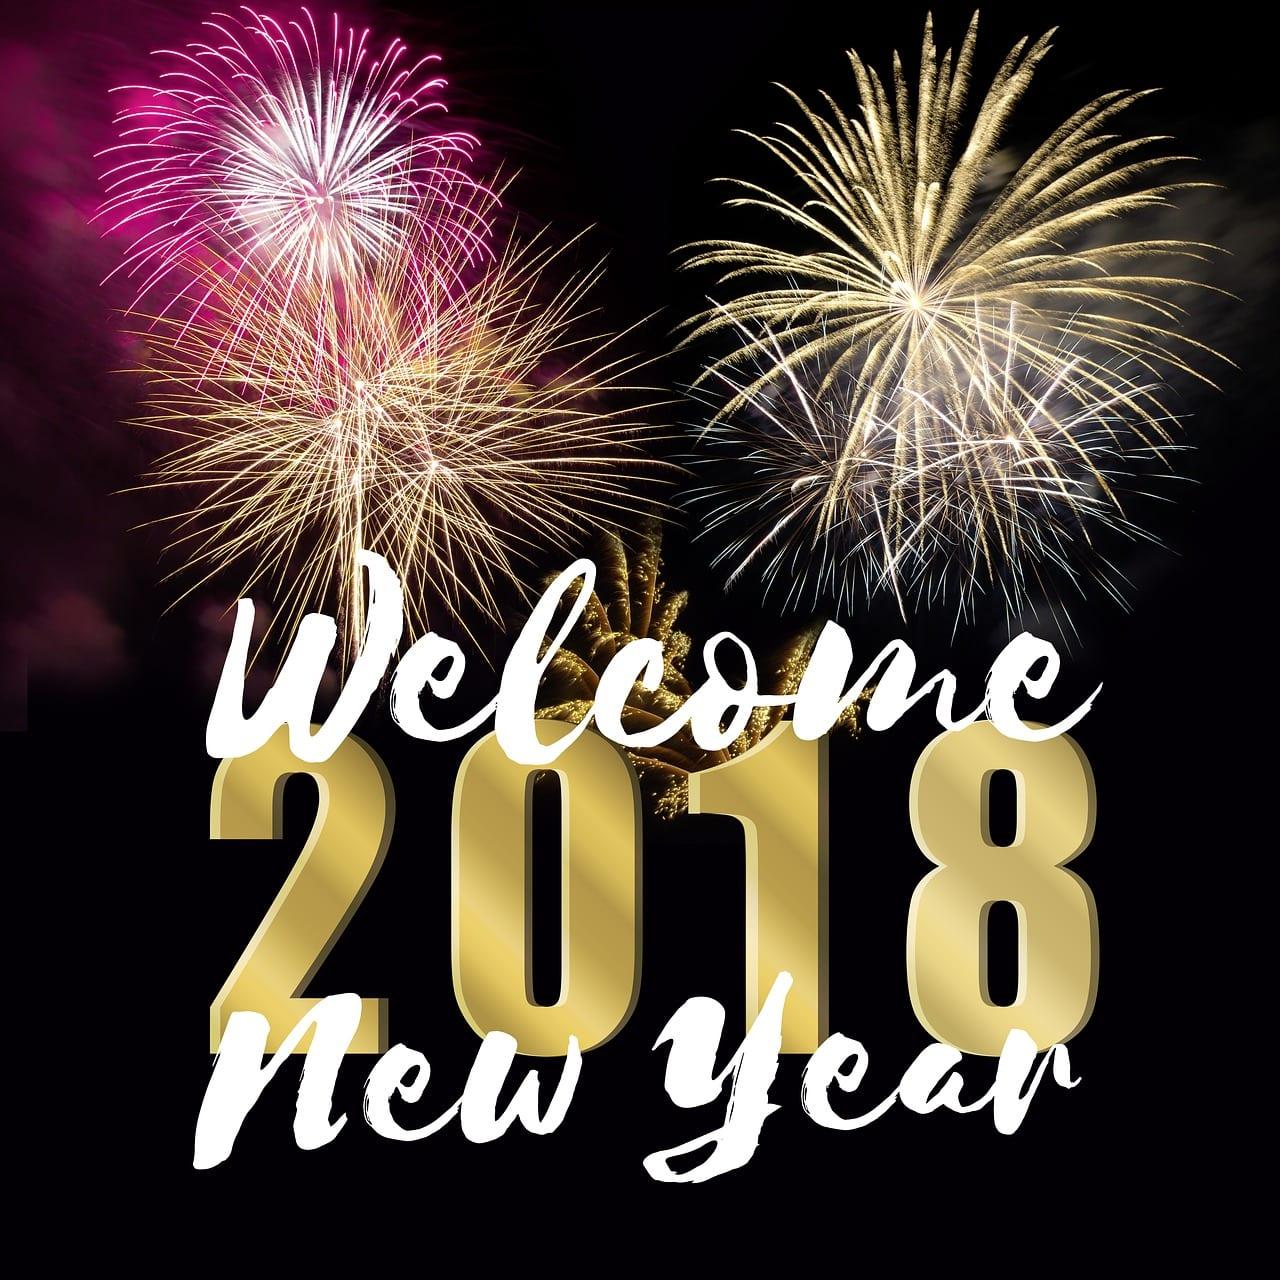 Er du klar til at sige velkommen til det nye år?